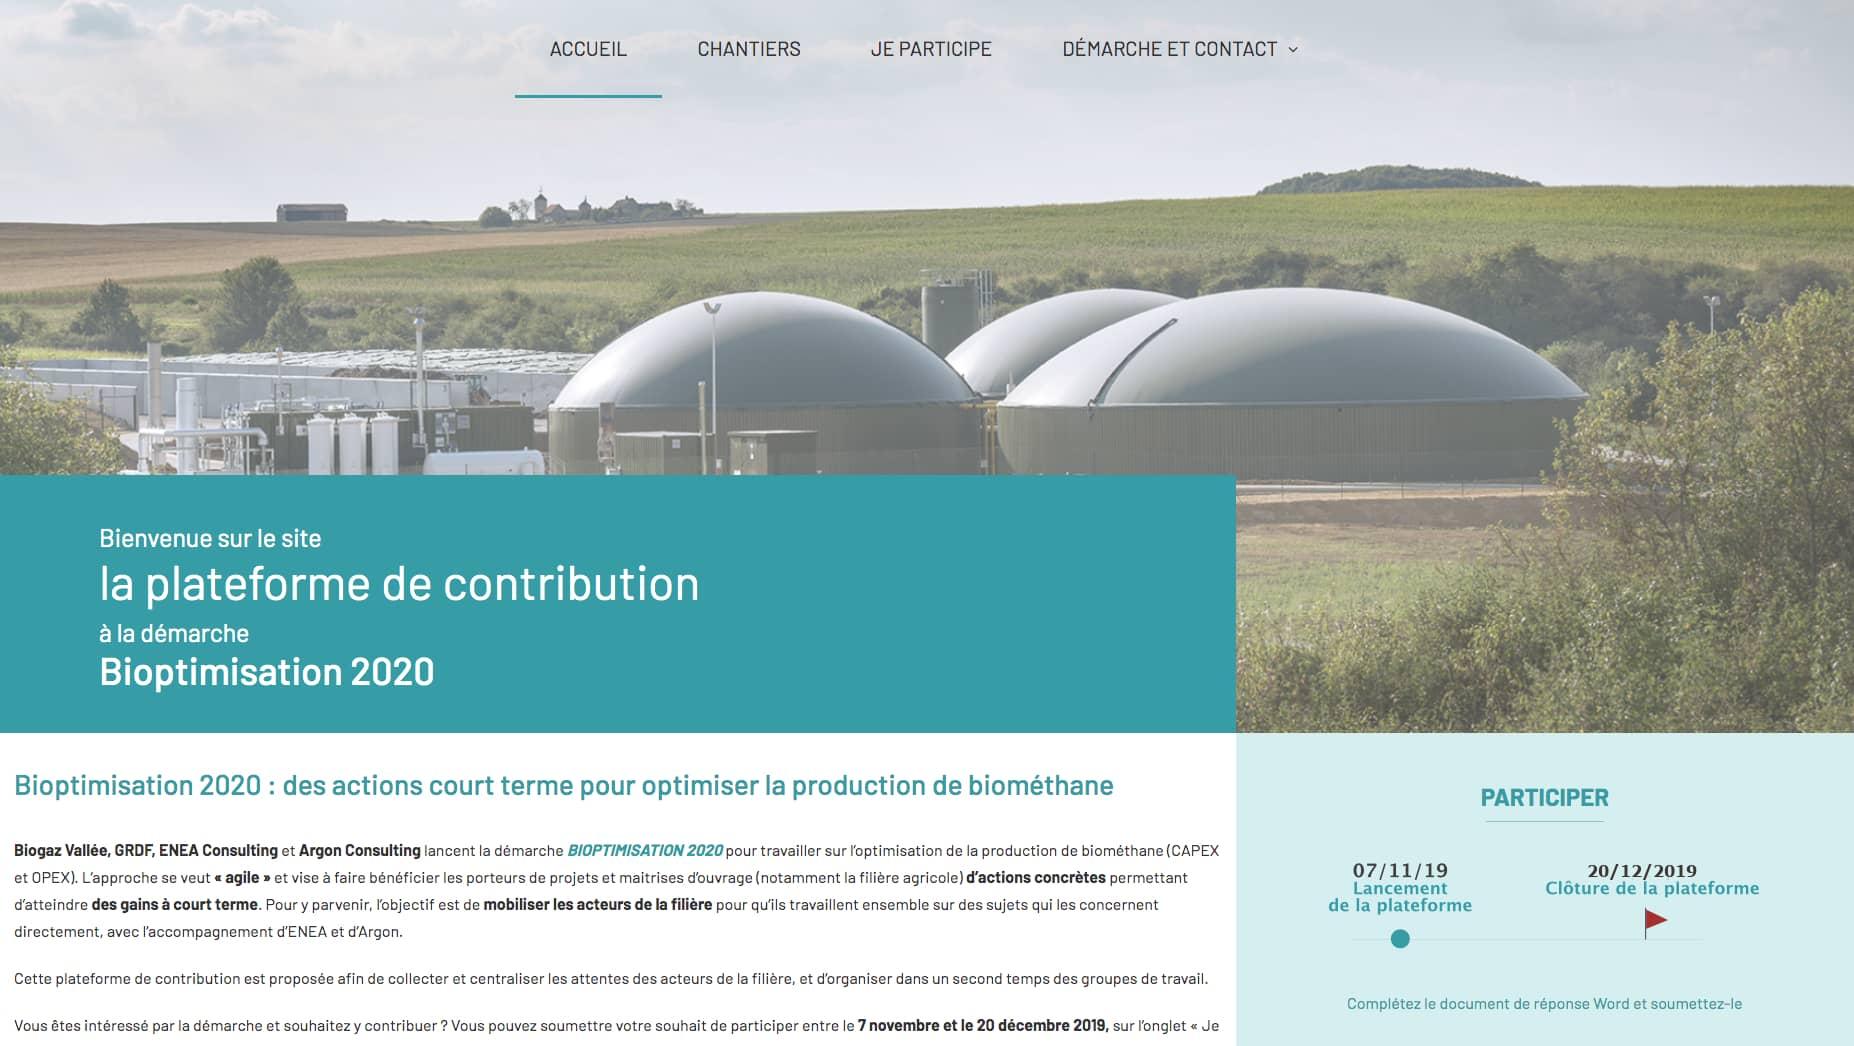 Capture d'écran de la plateforme de contribution à la démarche Bioptimisation 2020